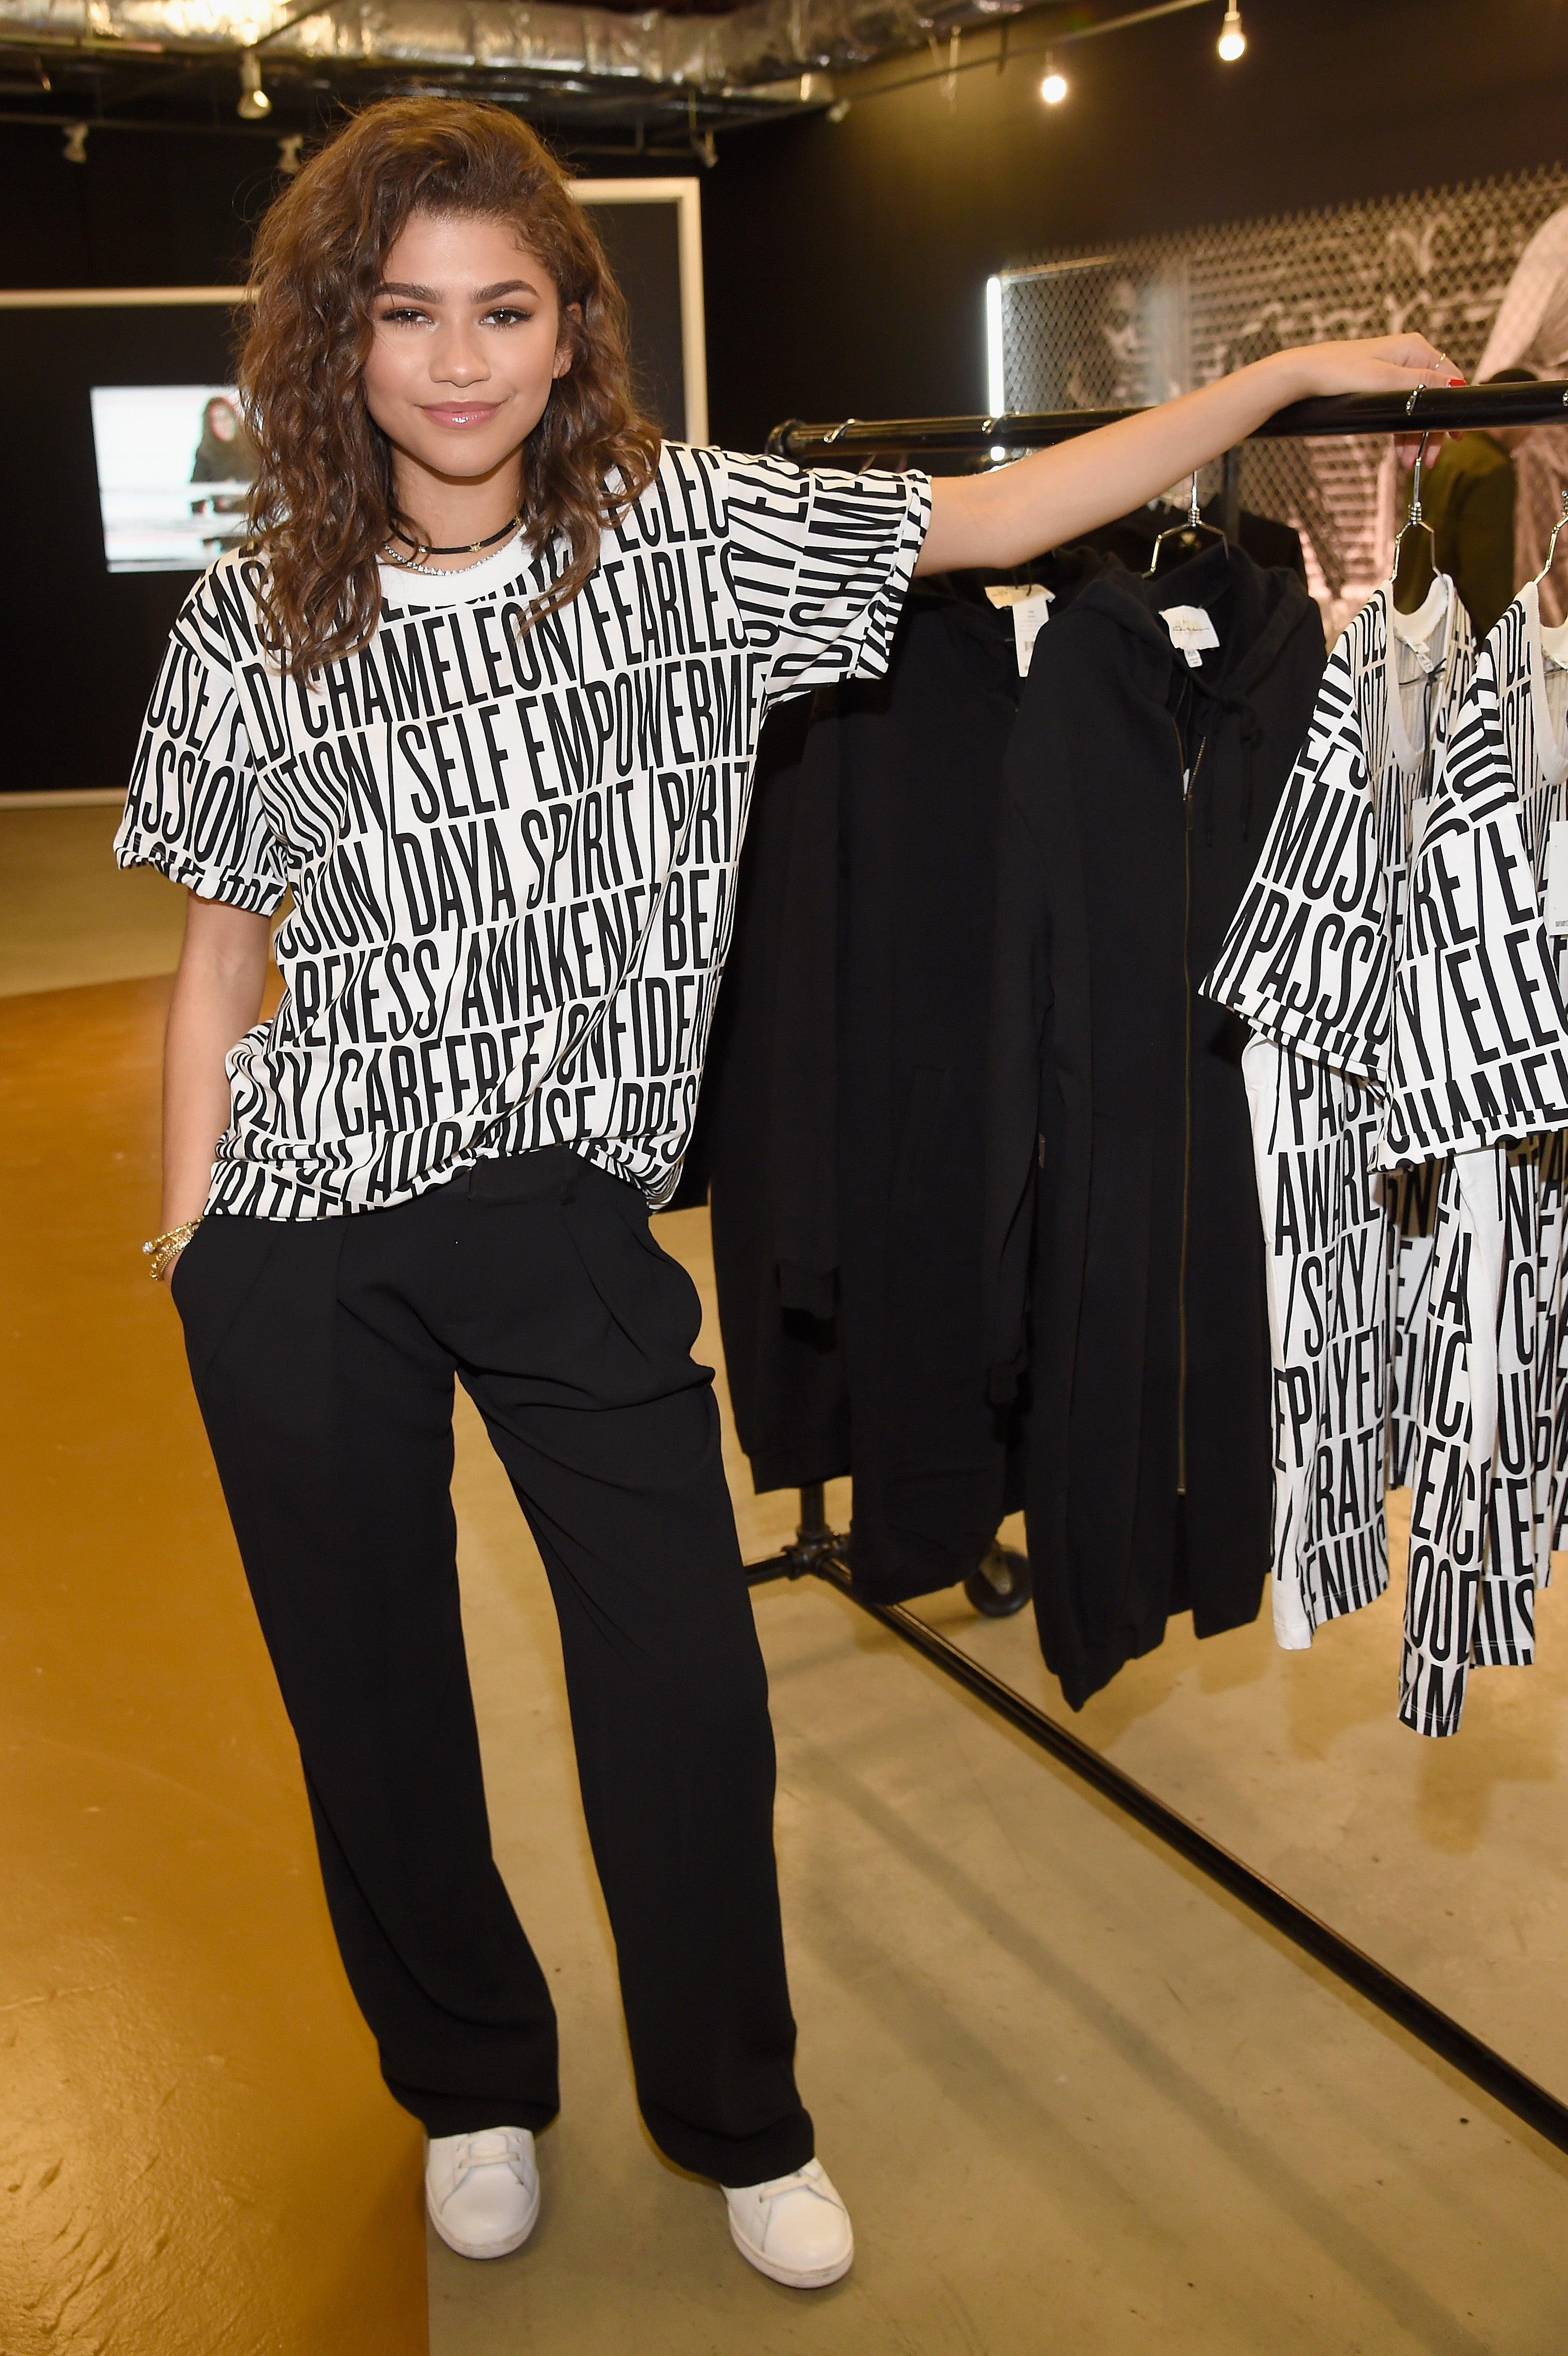 zendaya debuts dayazendaya clothing line  essence